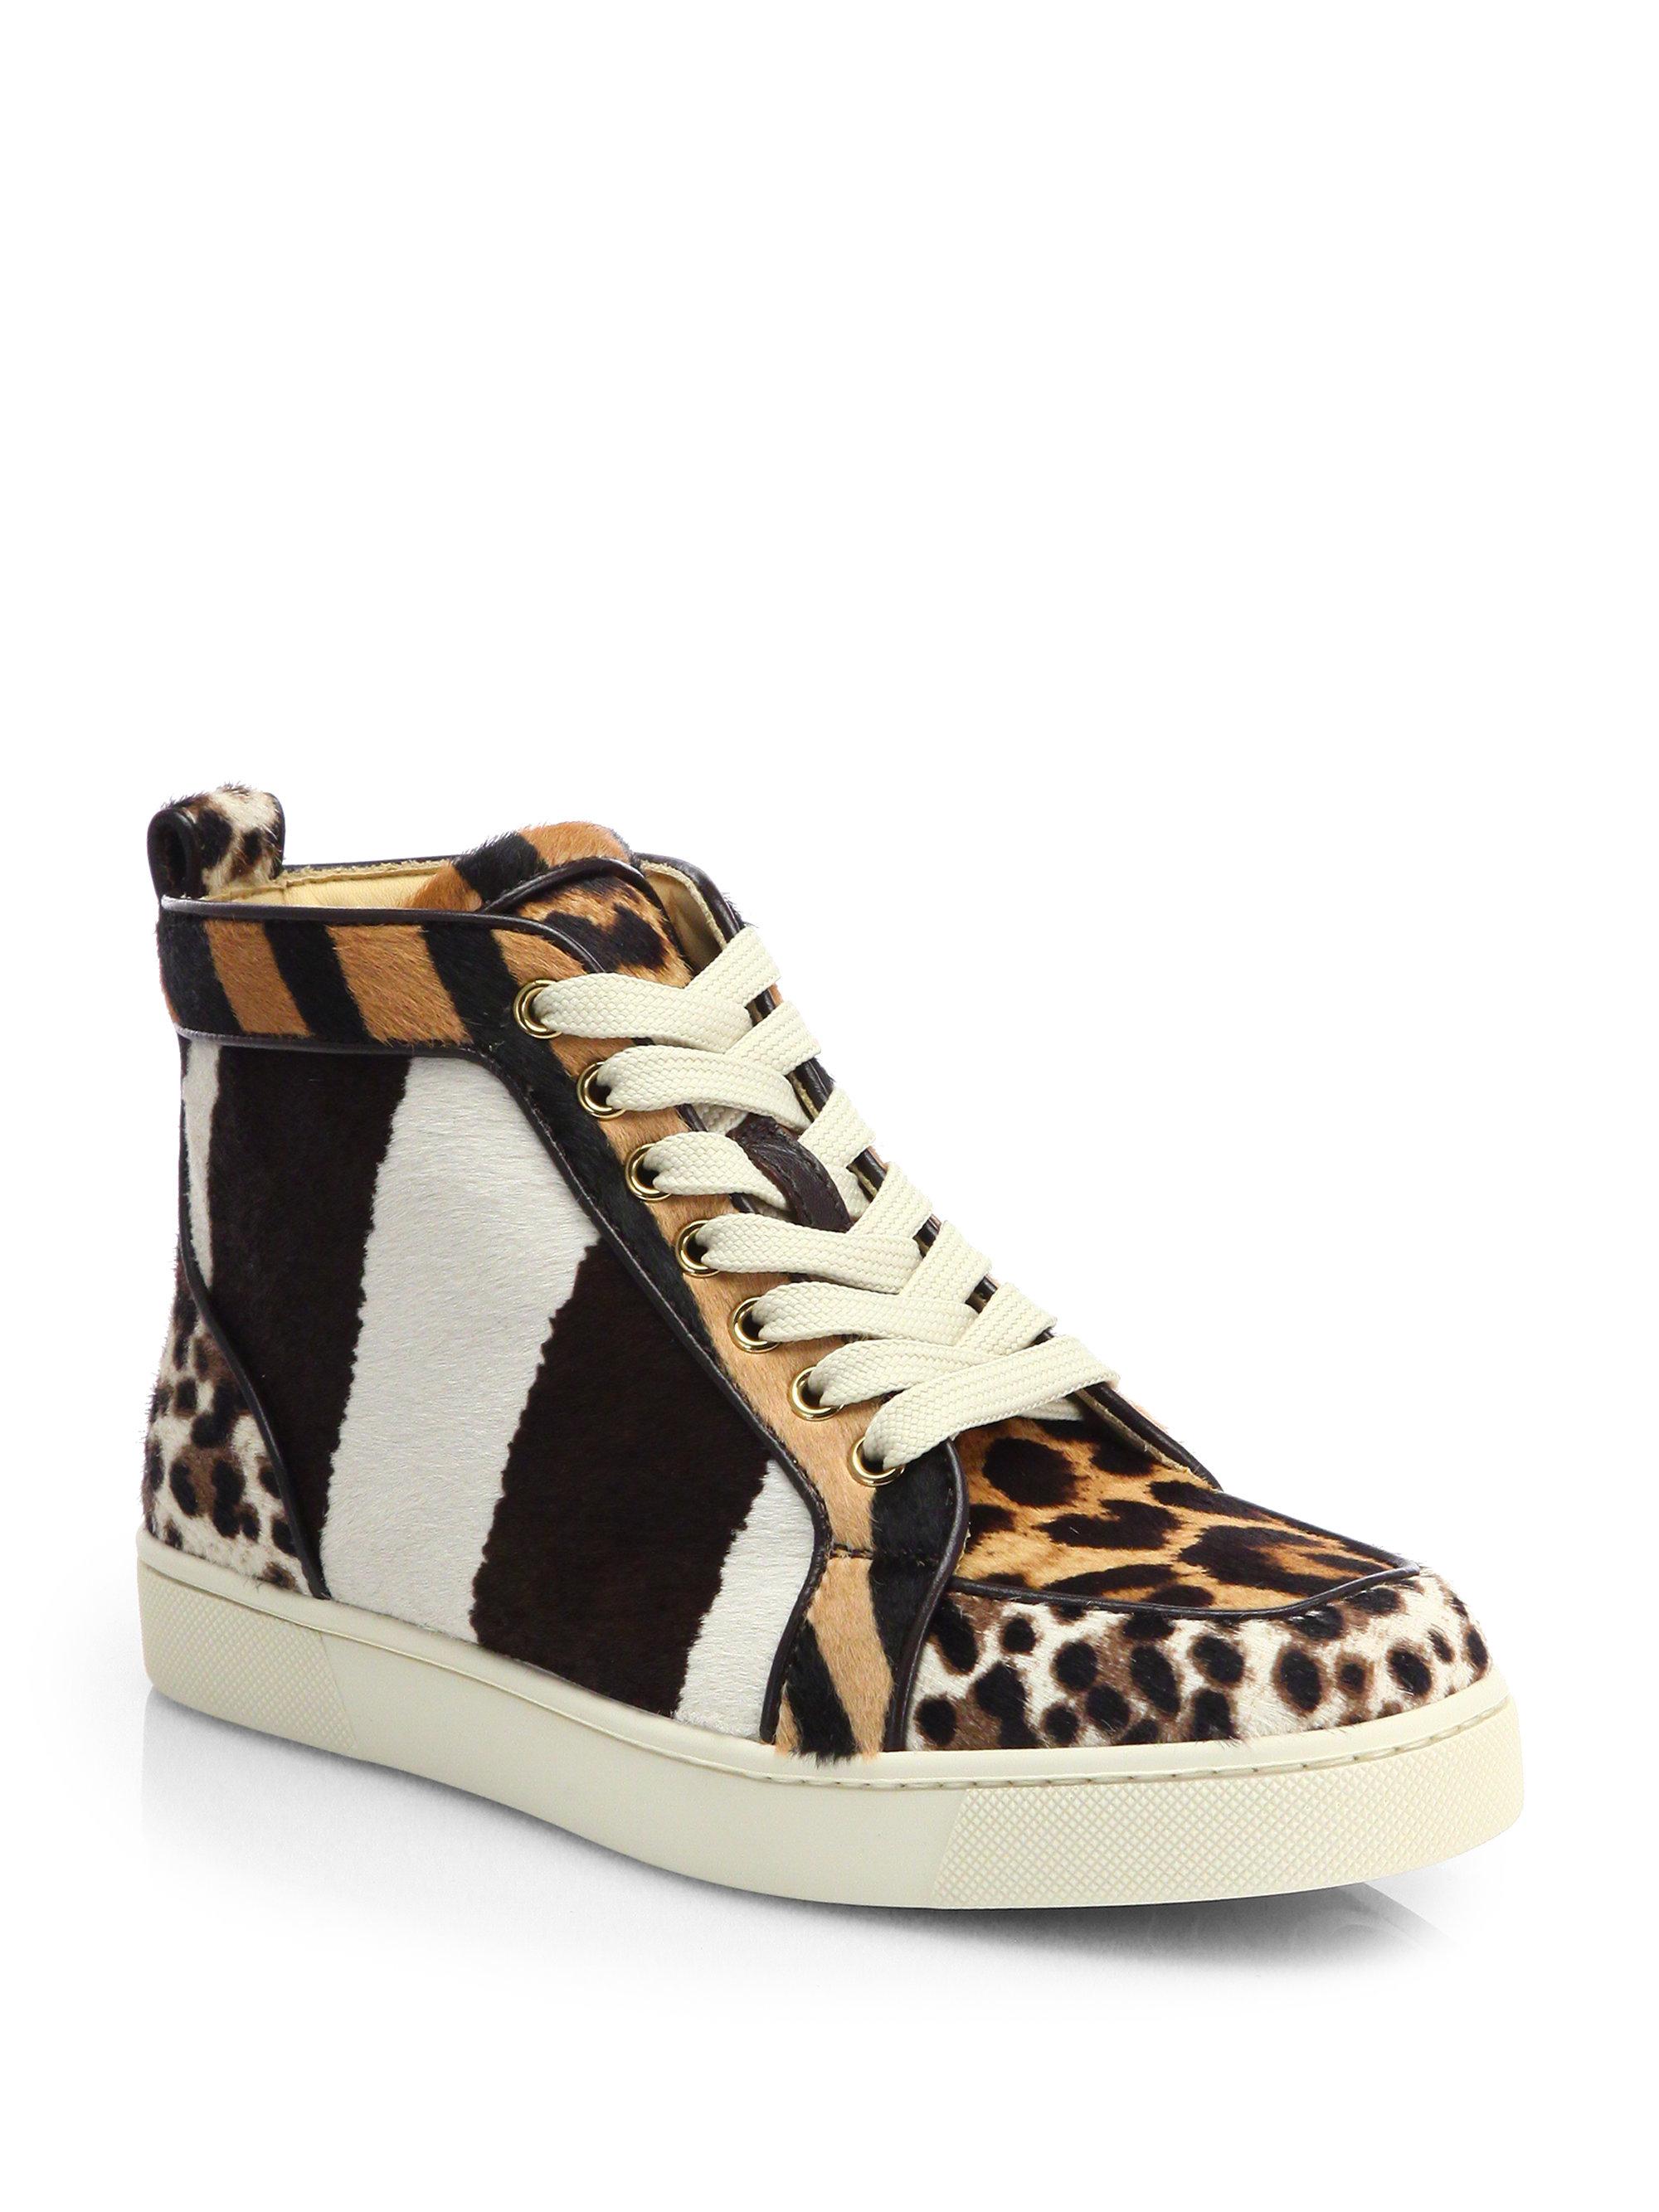 e529c3fb8e9 Christian Louboutin Multicolor Rantus Orlato Mixed Animal-Print Calf Hair  Sneakers